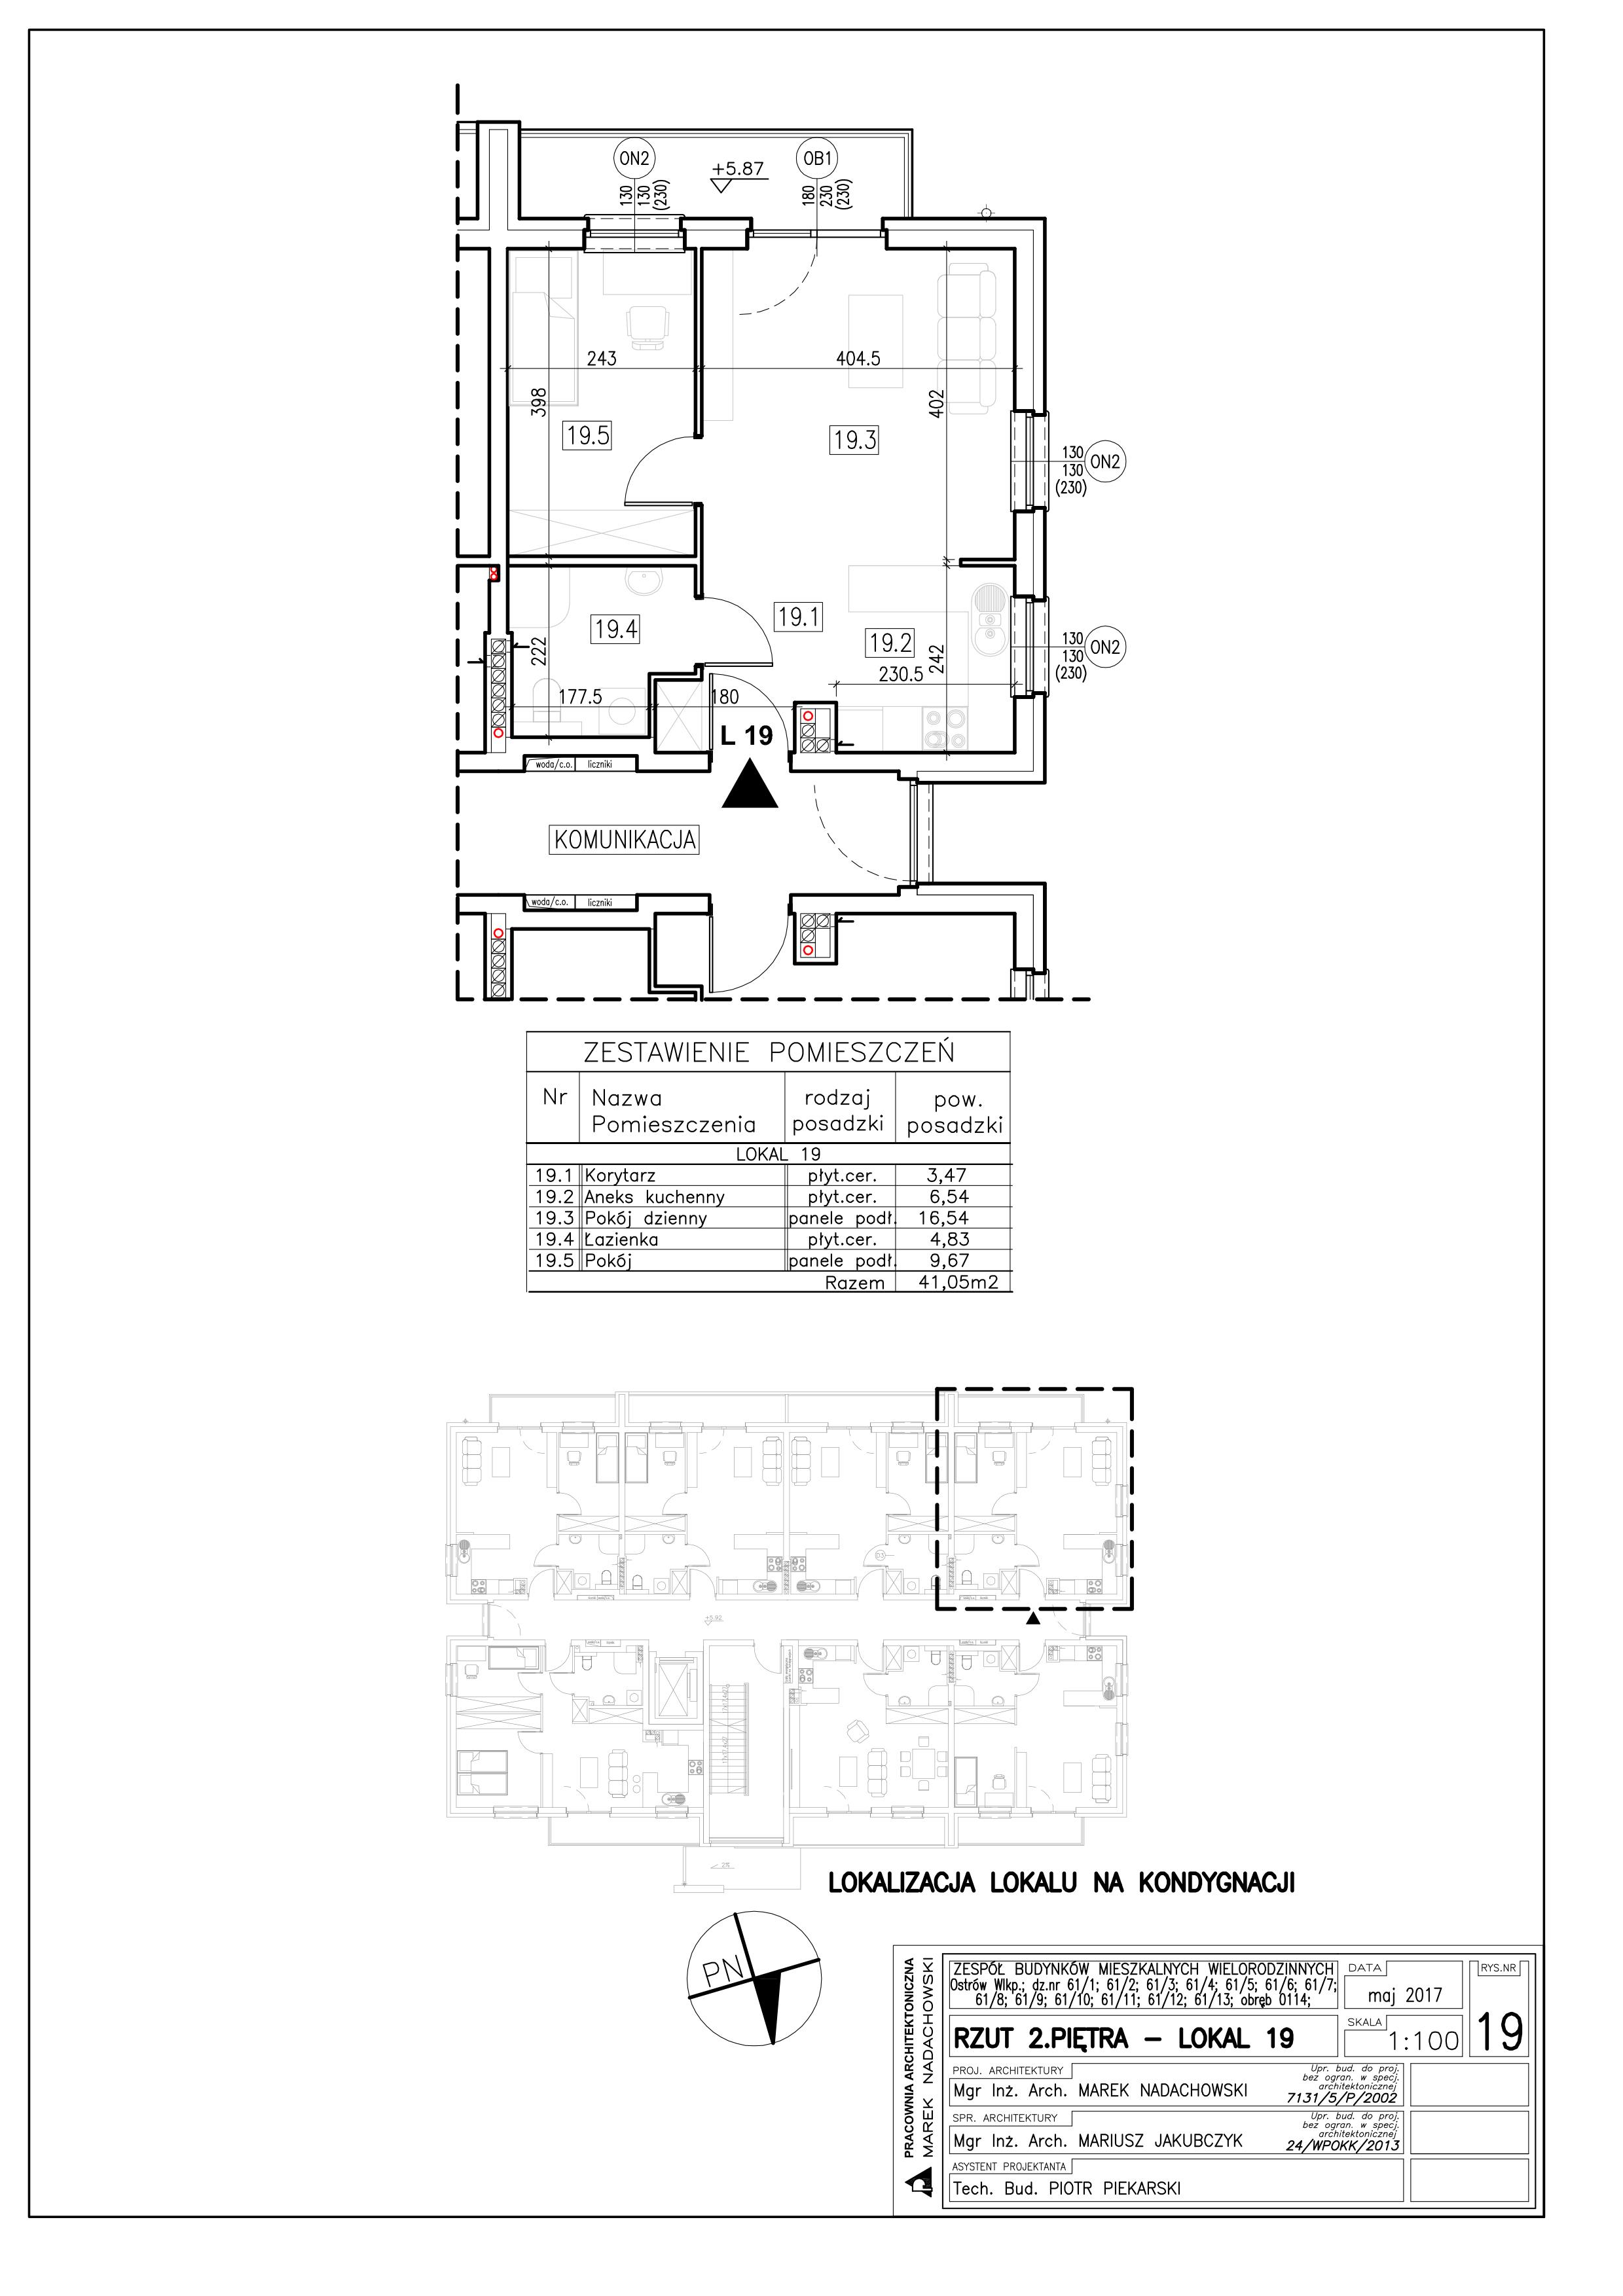 Lokal nr 19 Powierzchnia: 41,05 m2